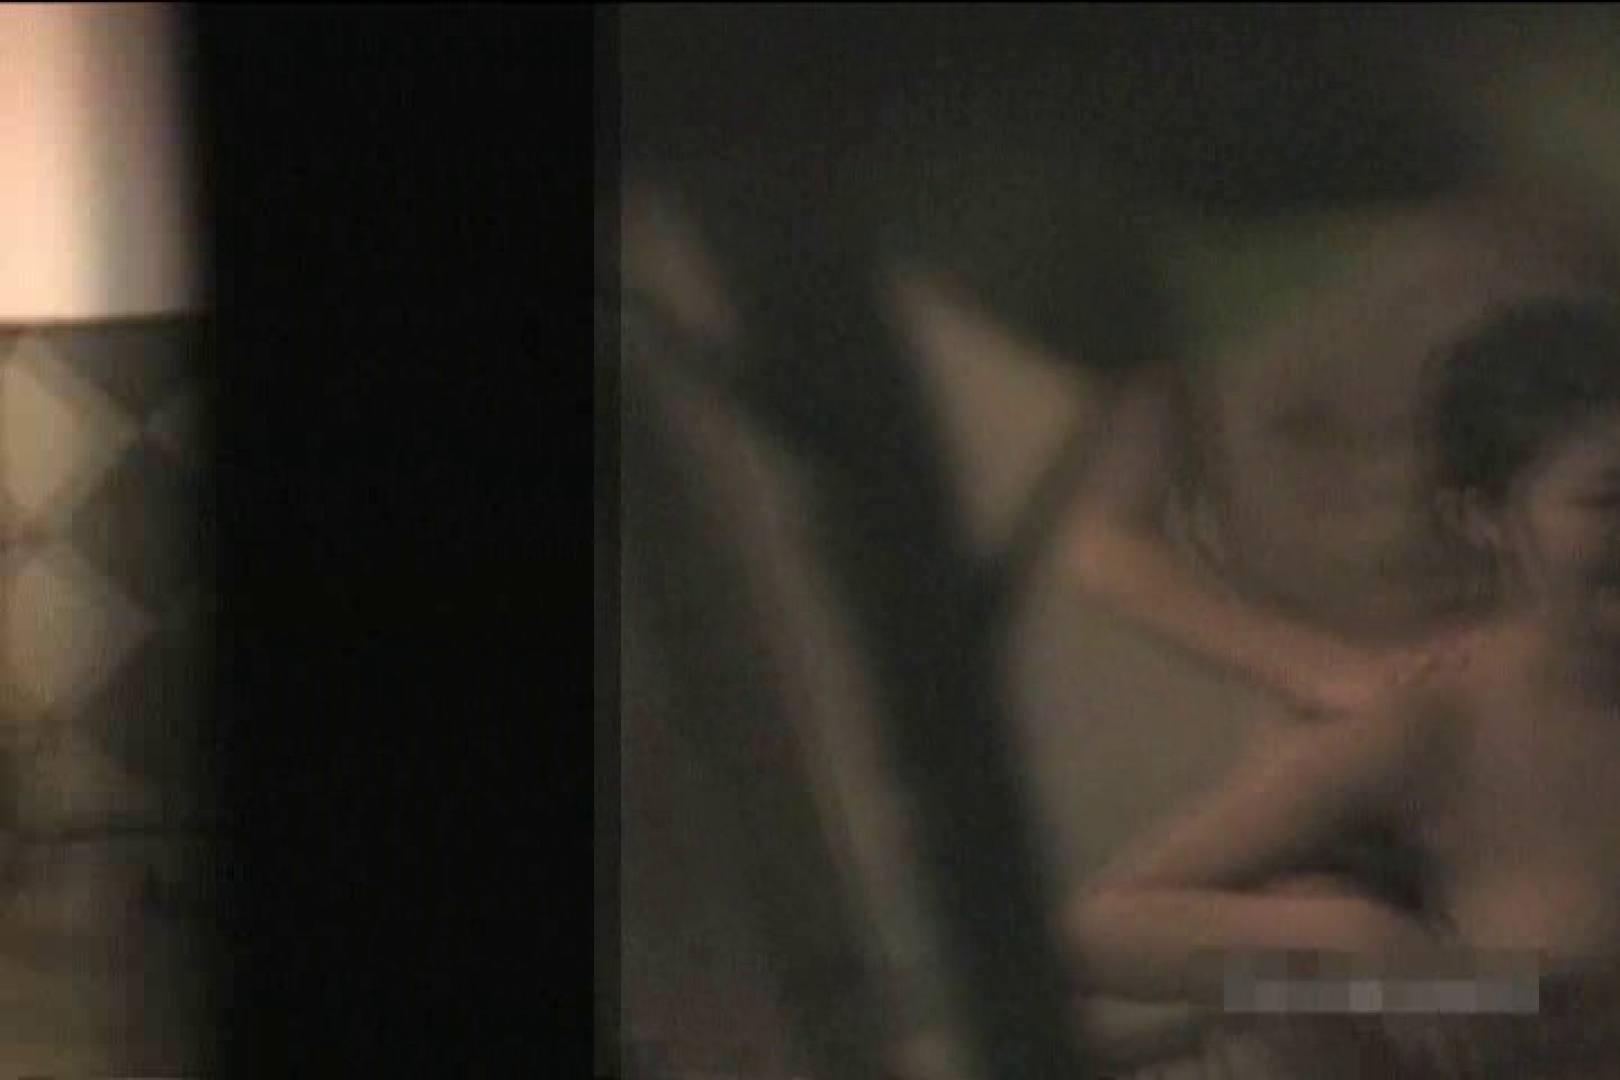 全裸で発情!!家族風呂の実態Vol.1 プライベート  57画像 20